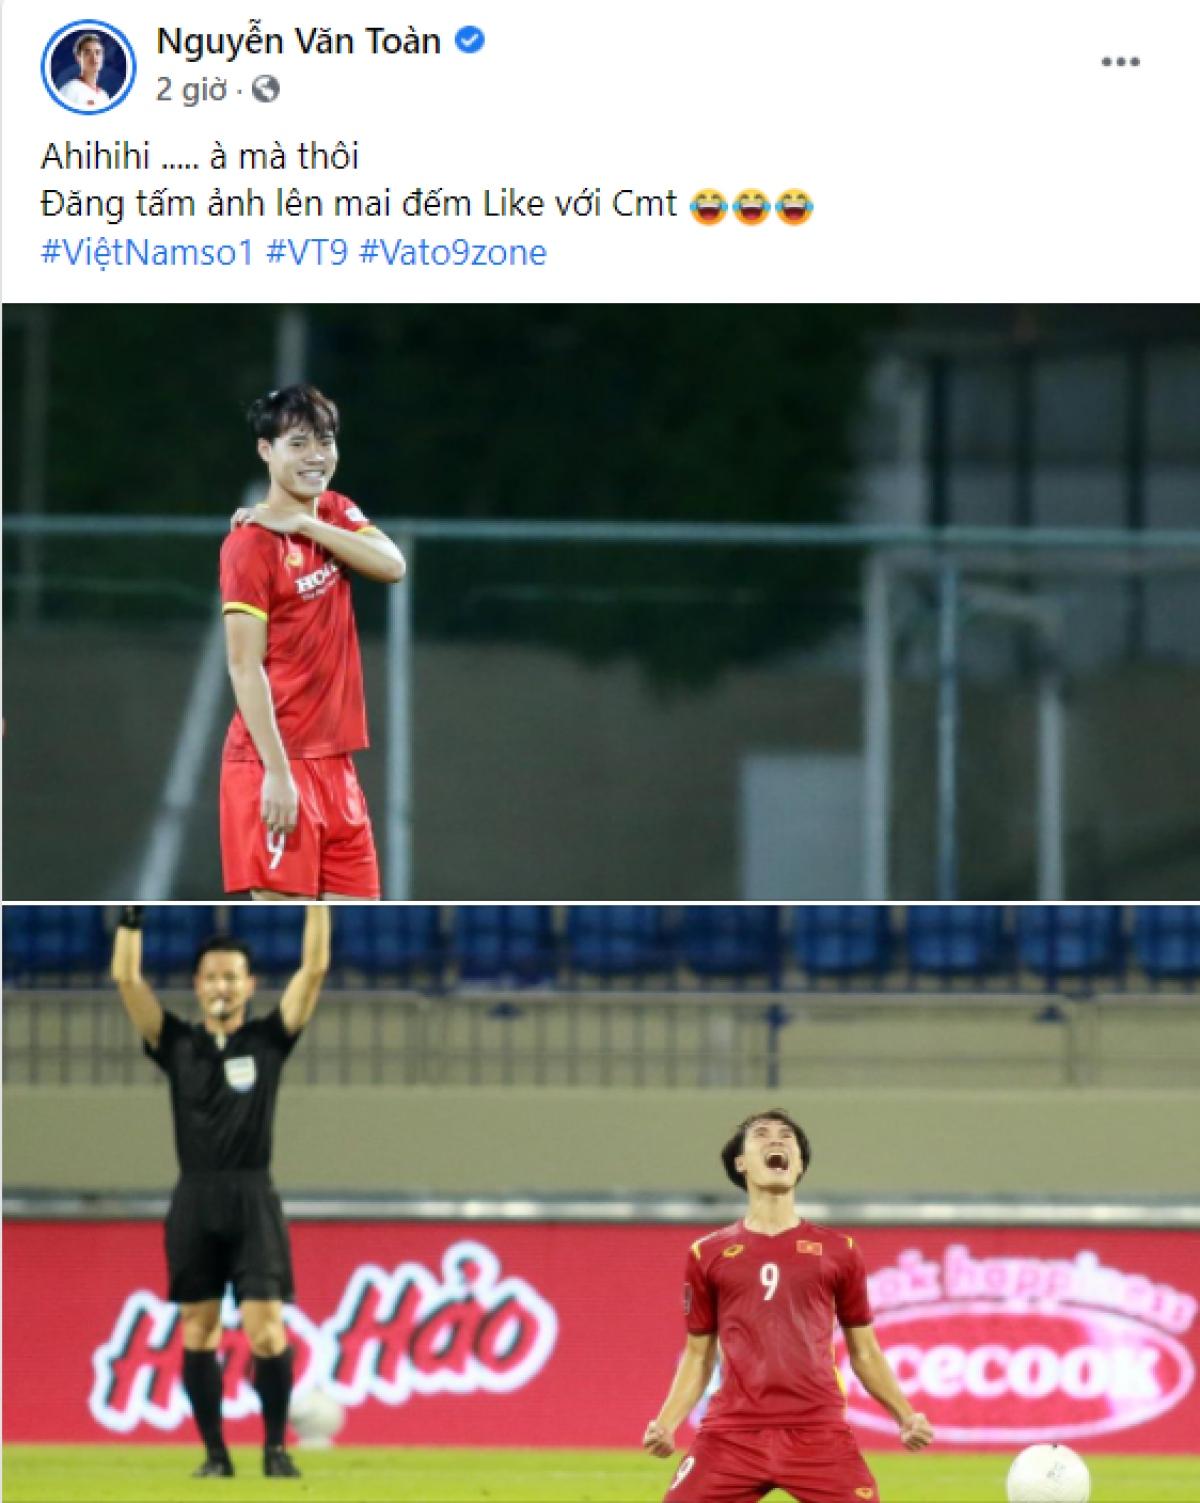 """Văn Toàn ăn mừng chiến thắng theo cách """"đặc biệt""""./."""